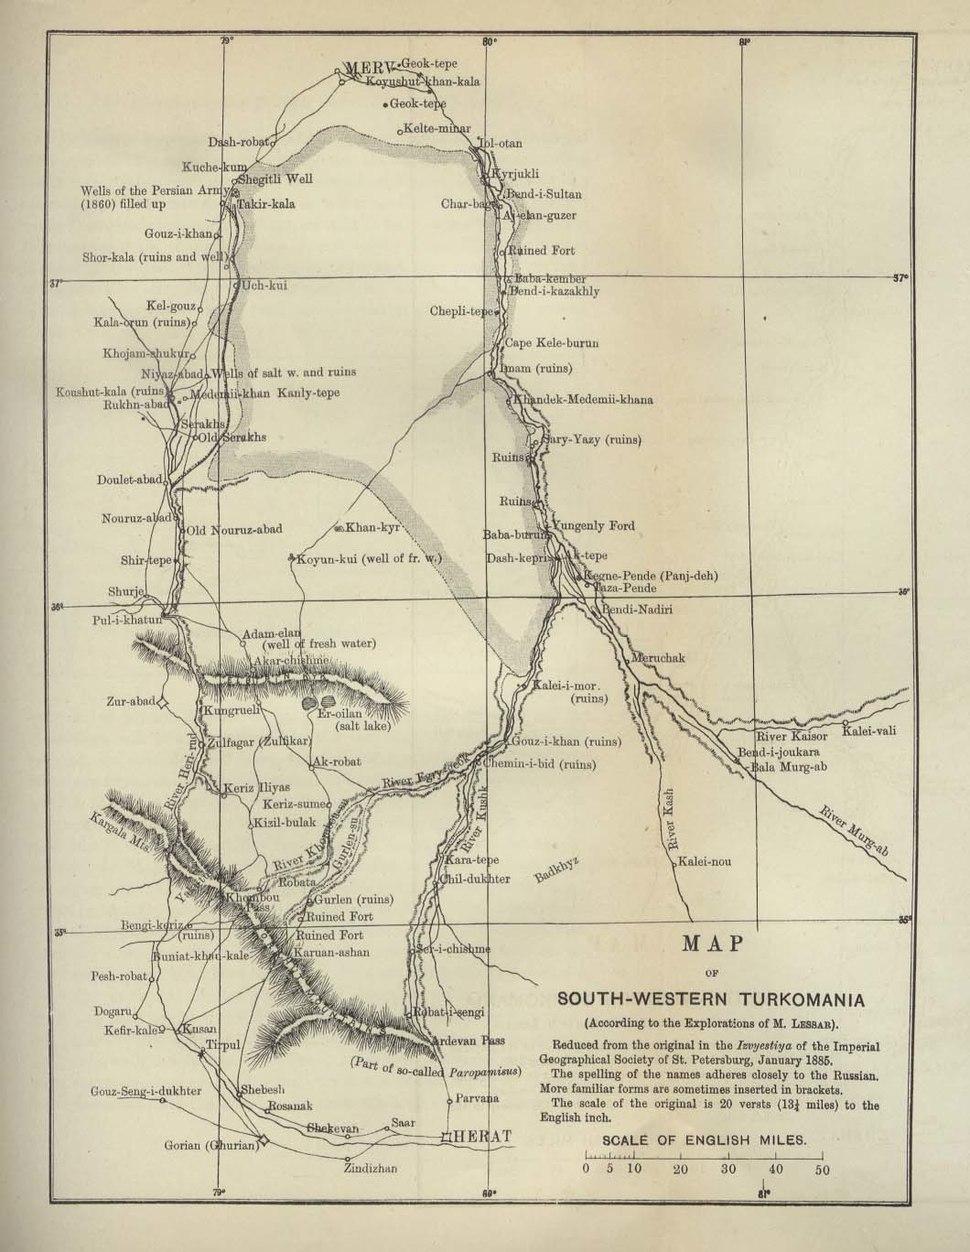 Sw turkomania 1887